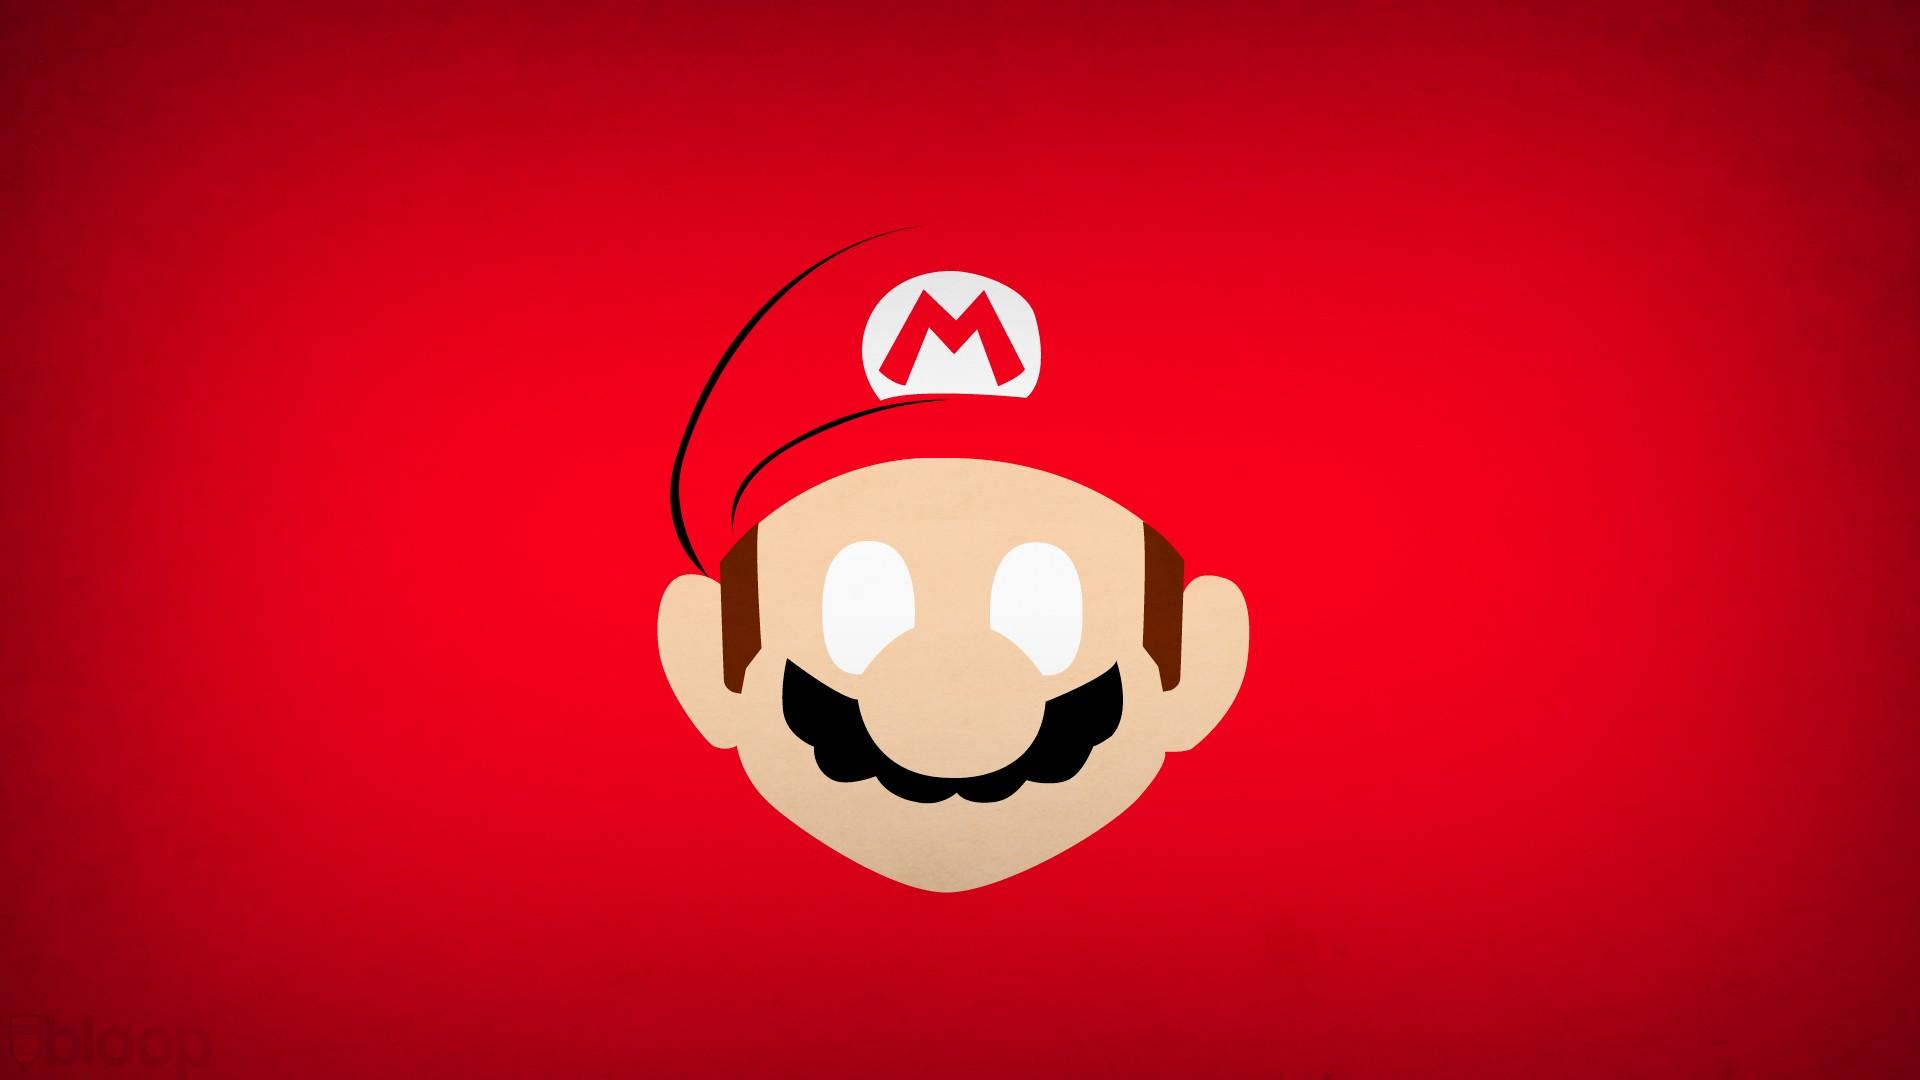 Sfondi illustrazione videogiochi cuore rosso logo